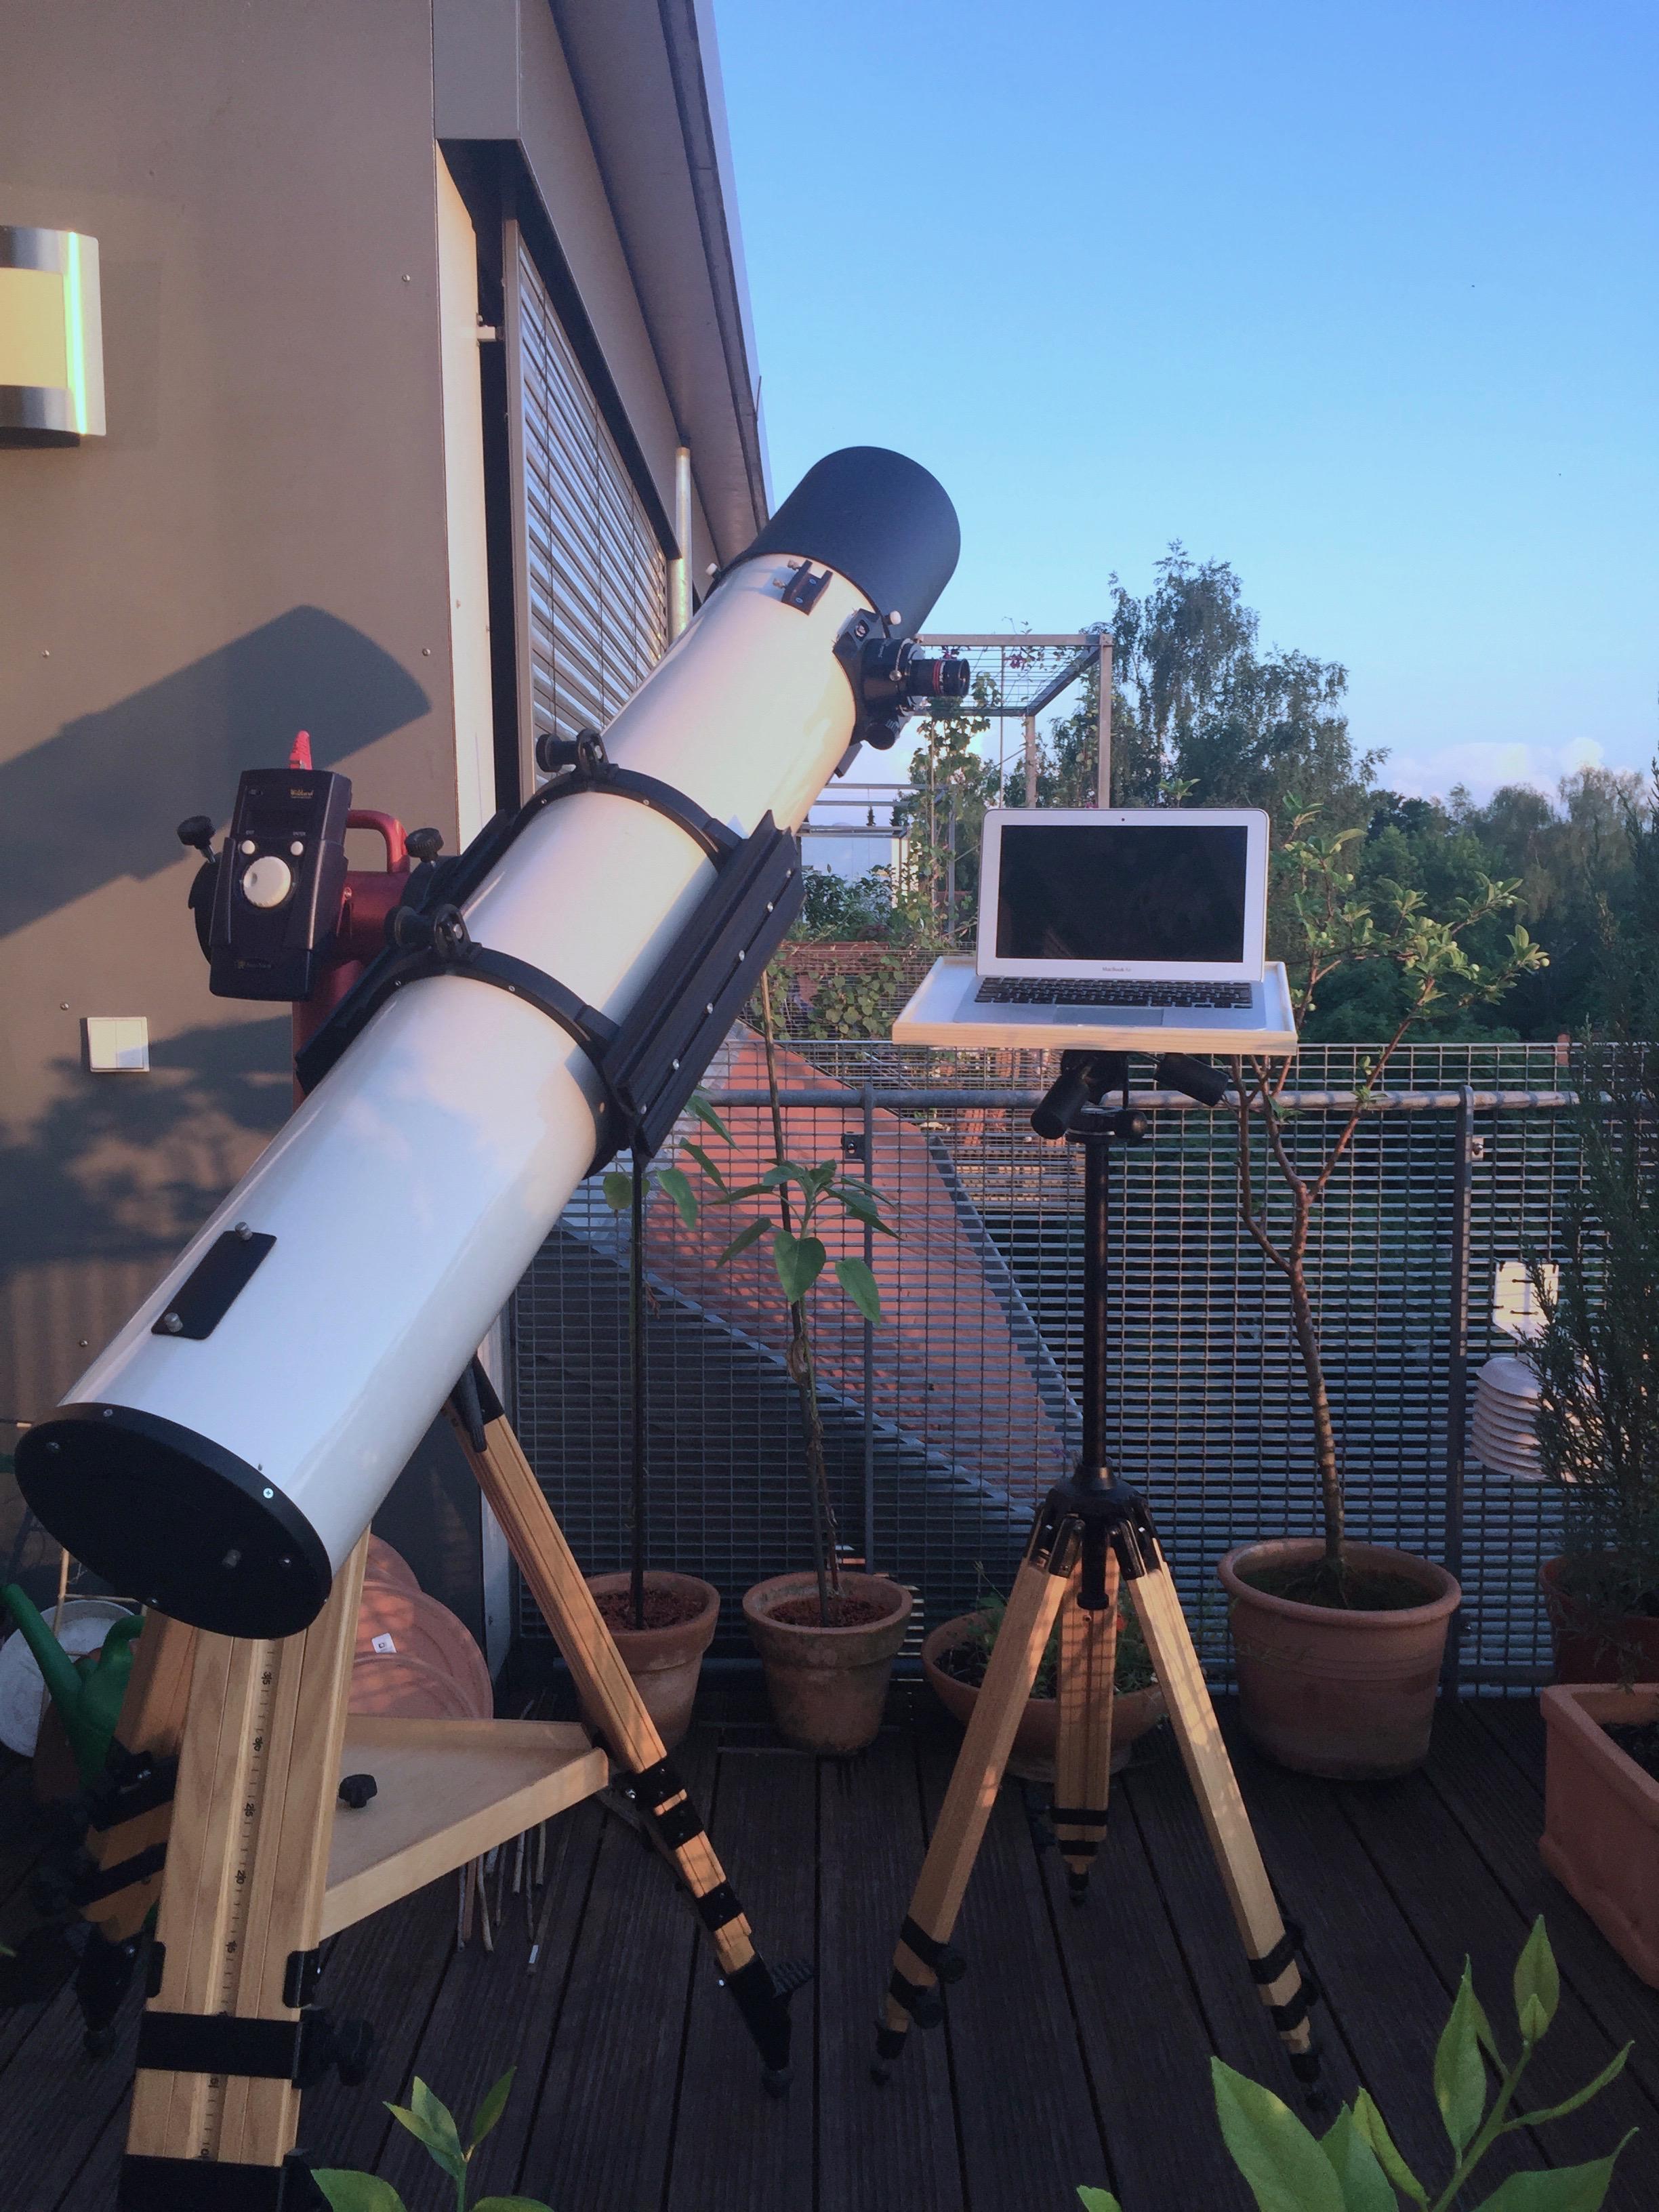 Intes Micro MN68 Teleskop, AOKswiss AYOdigi Montierung und Berlebach Planet Stativ. Beistelltisch: Berlebach Projektortischpatte, Manfrotto Neigekopf und Berlebach Report 8023 Stativ.